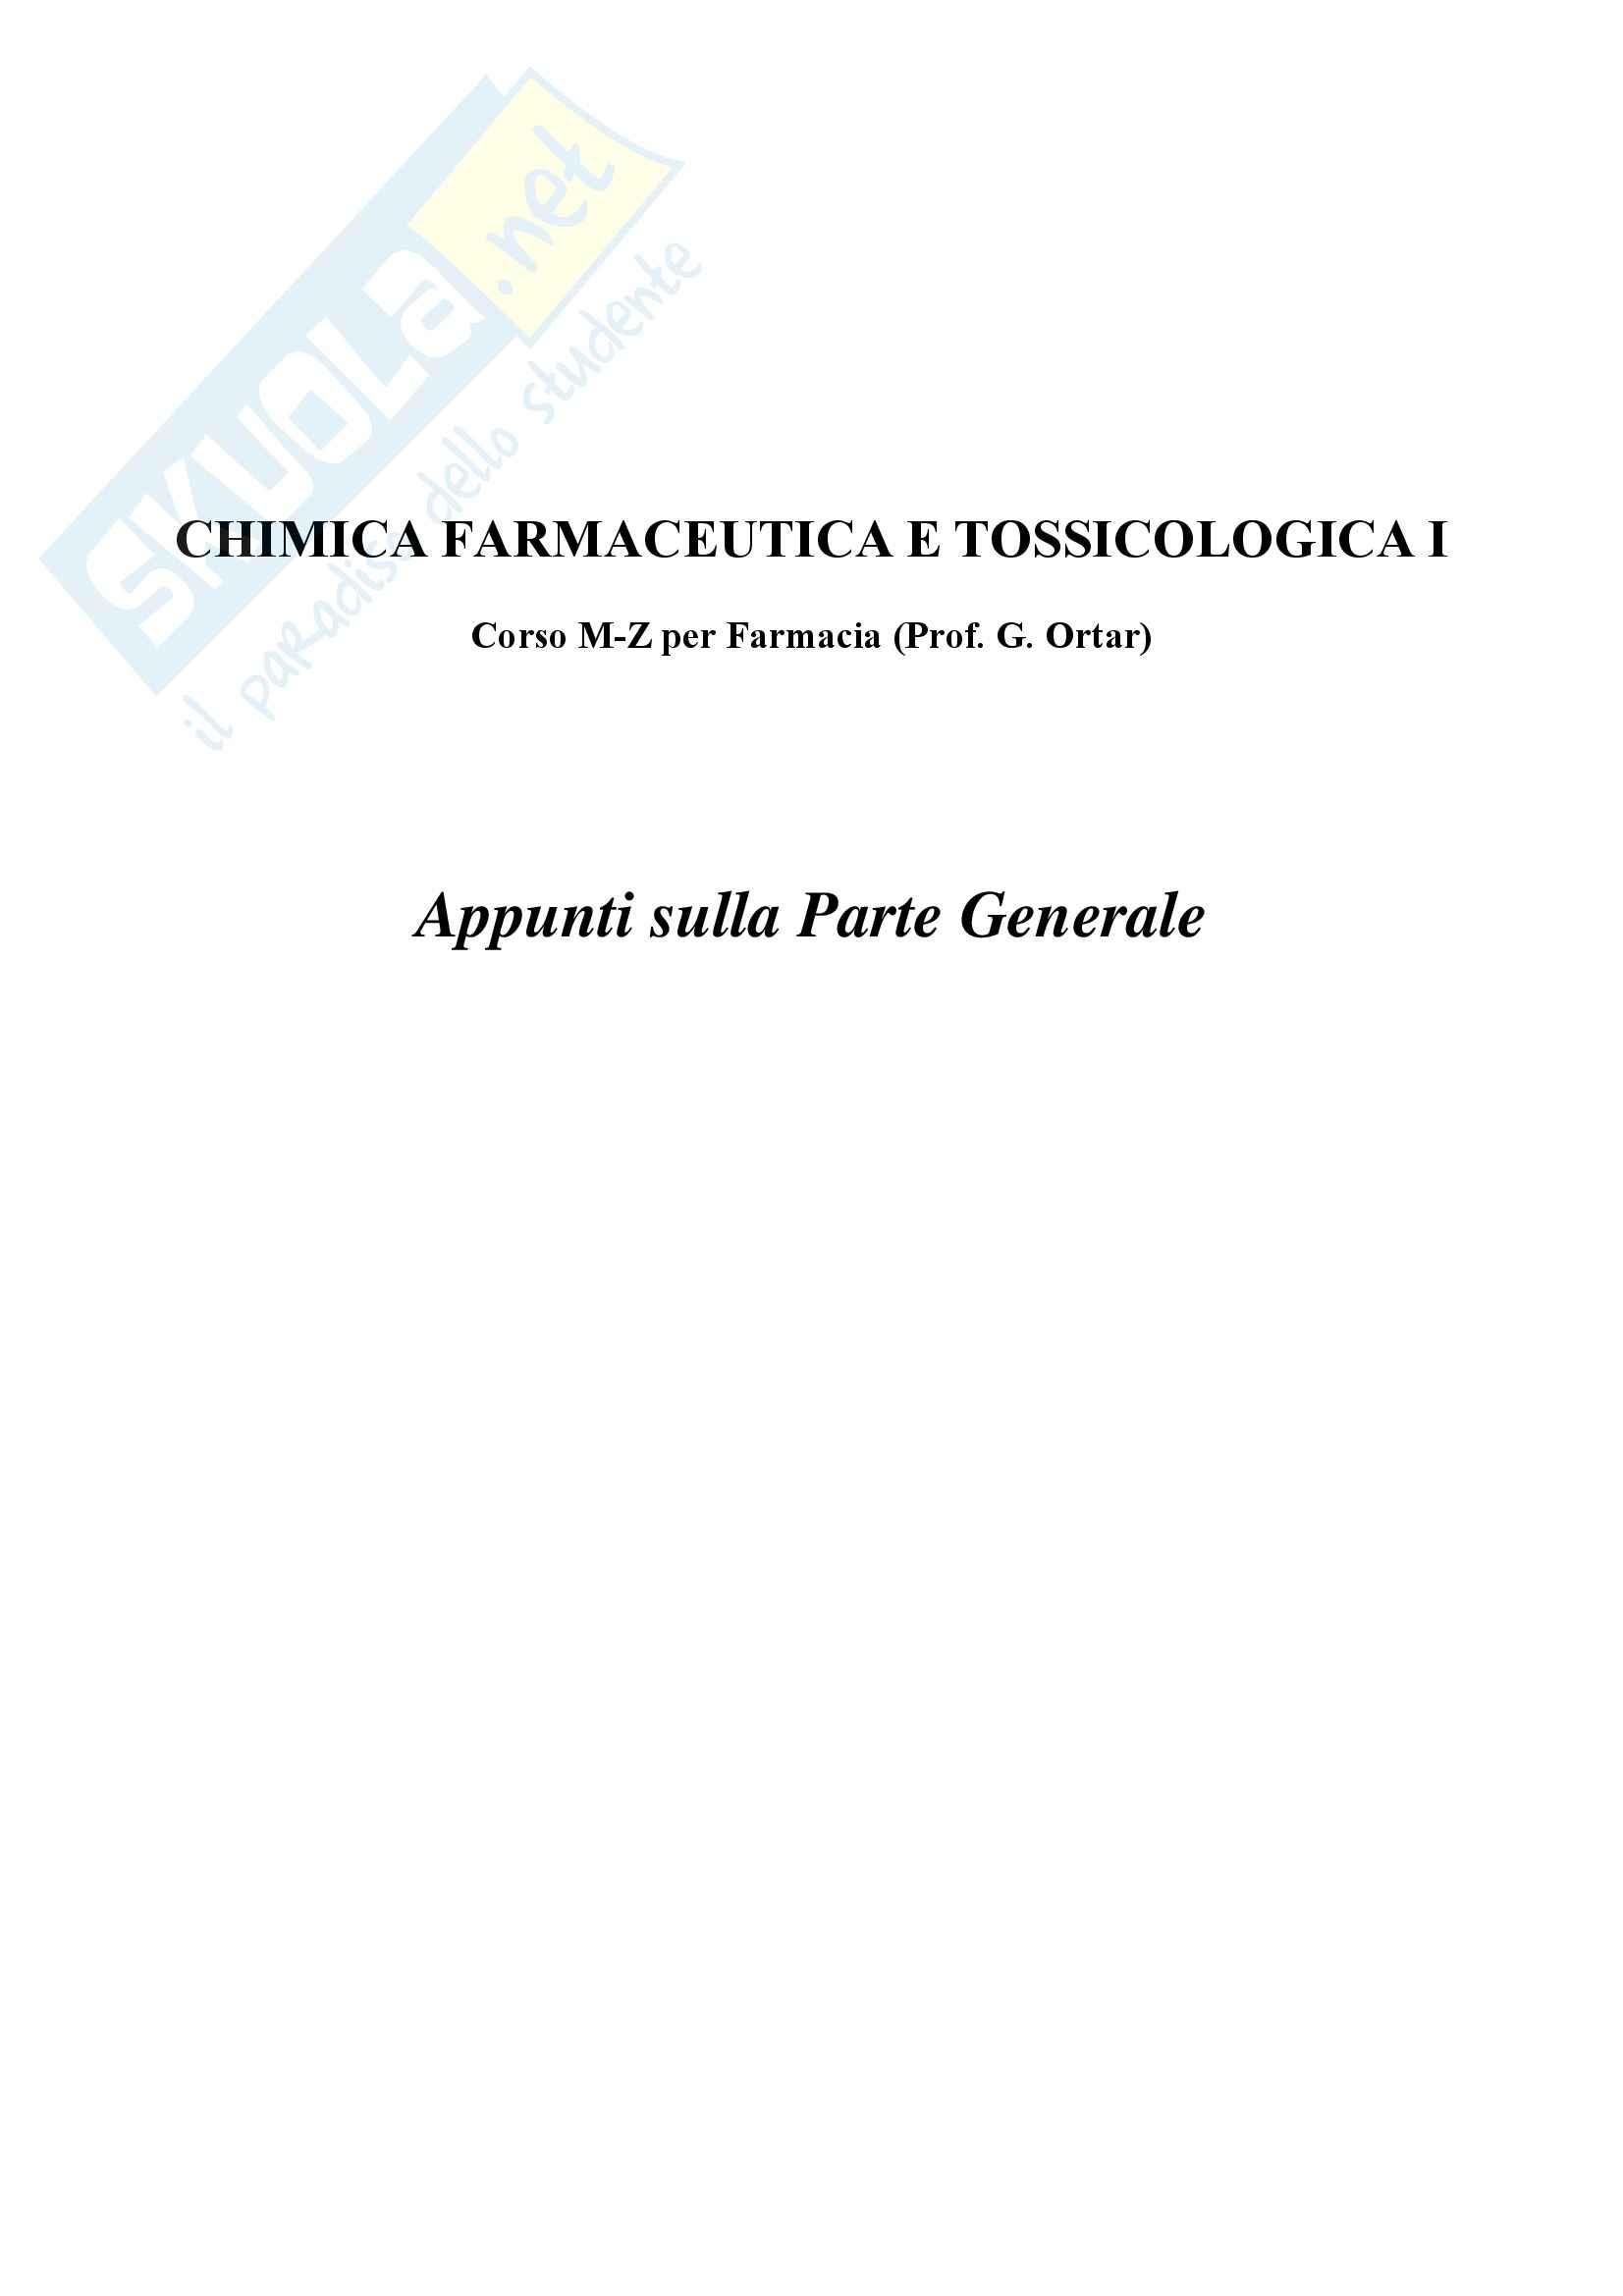 Chimica farmaceutica e tossicologica I - Appunti